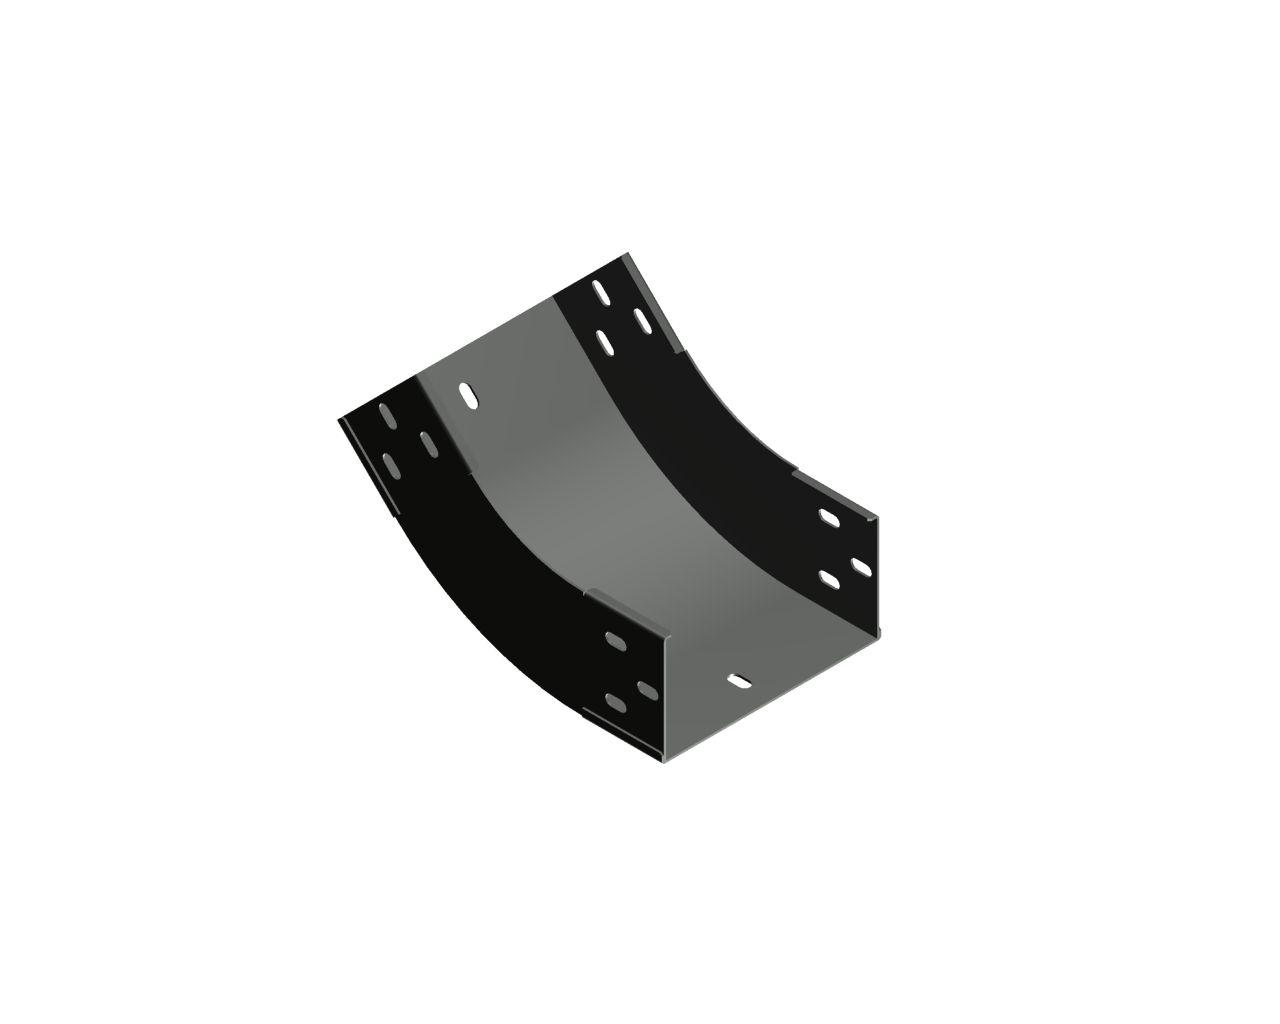 Łuk zewnętrzno-wewnętrzny 45° LZWKC45